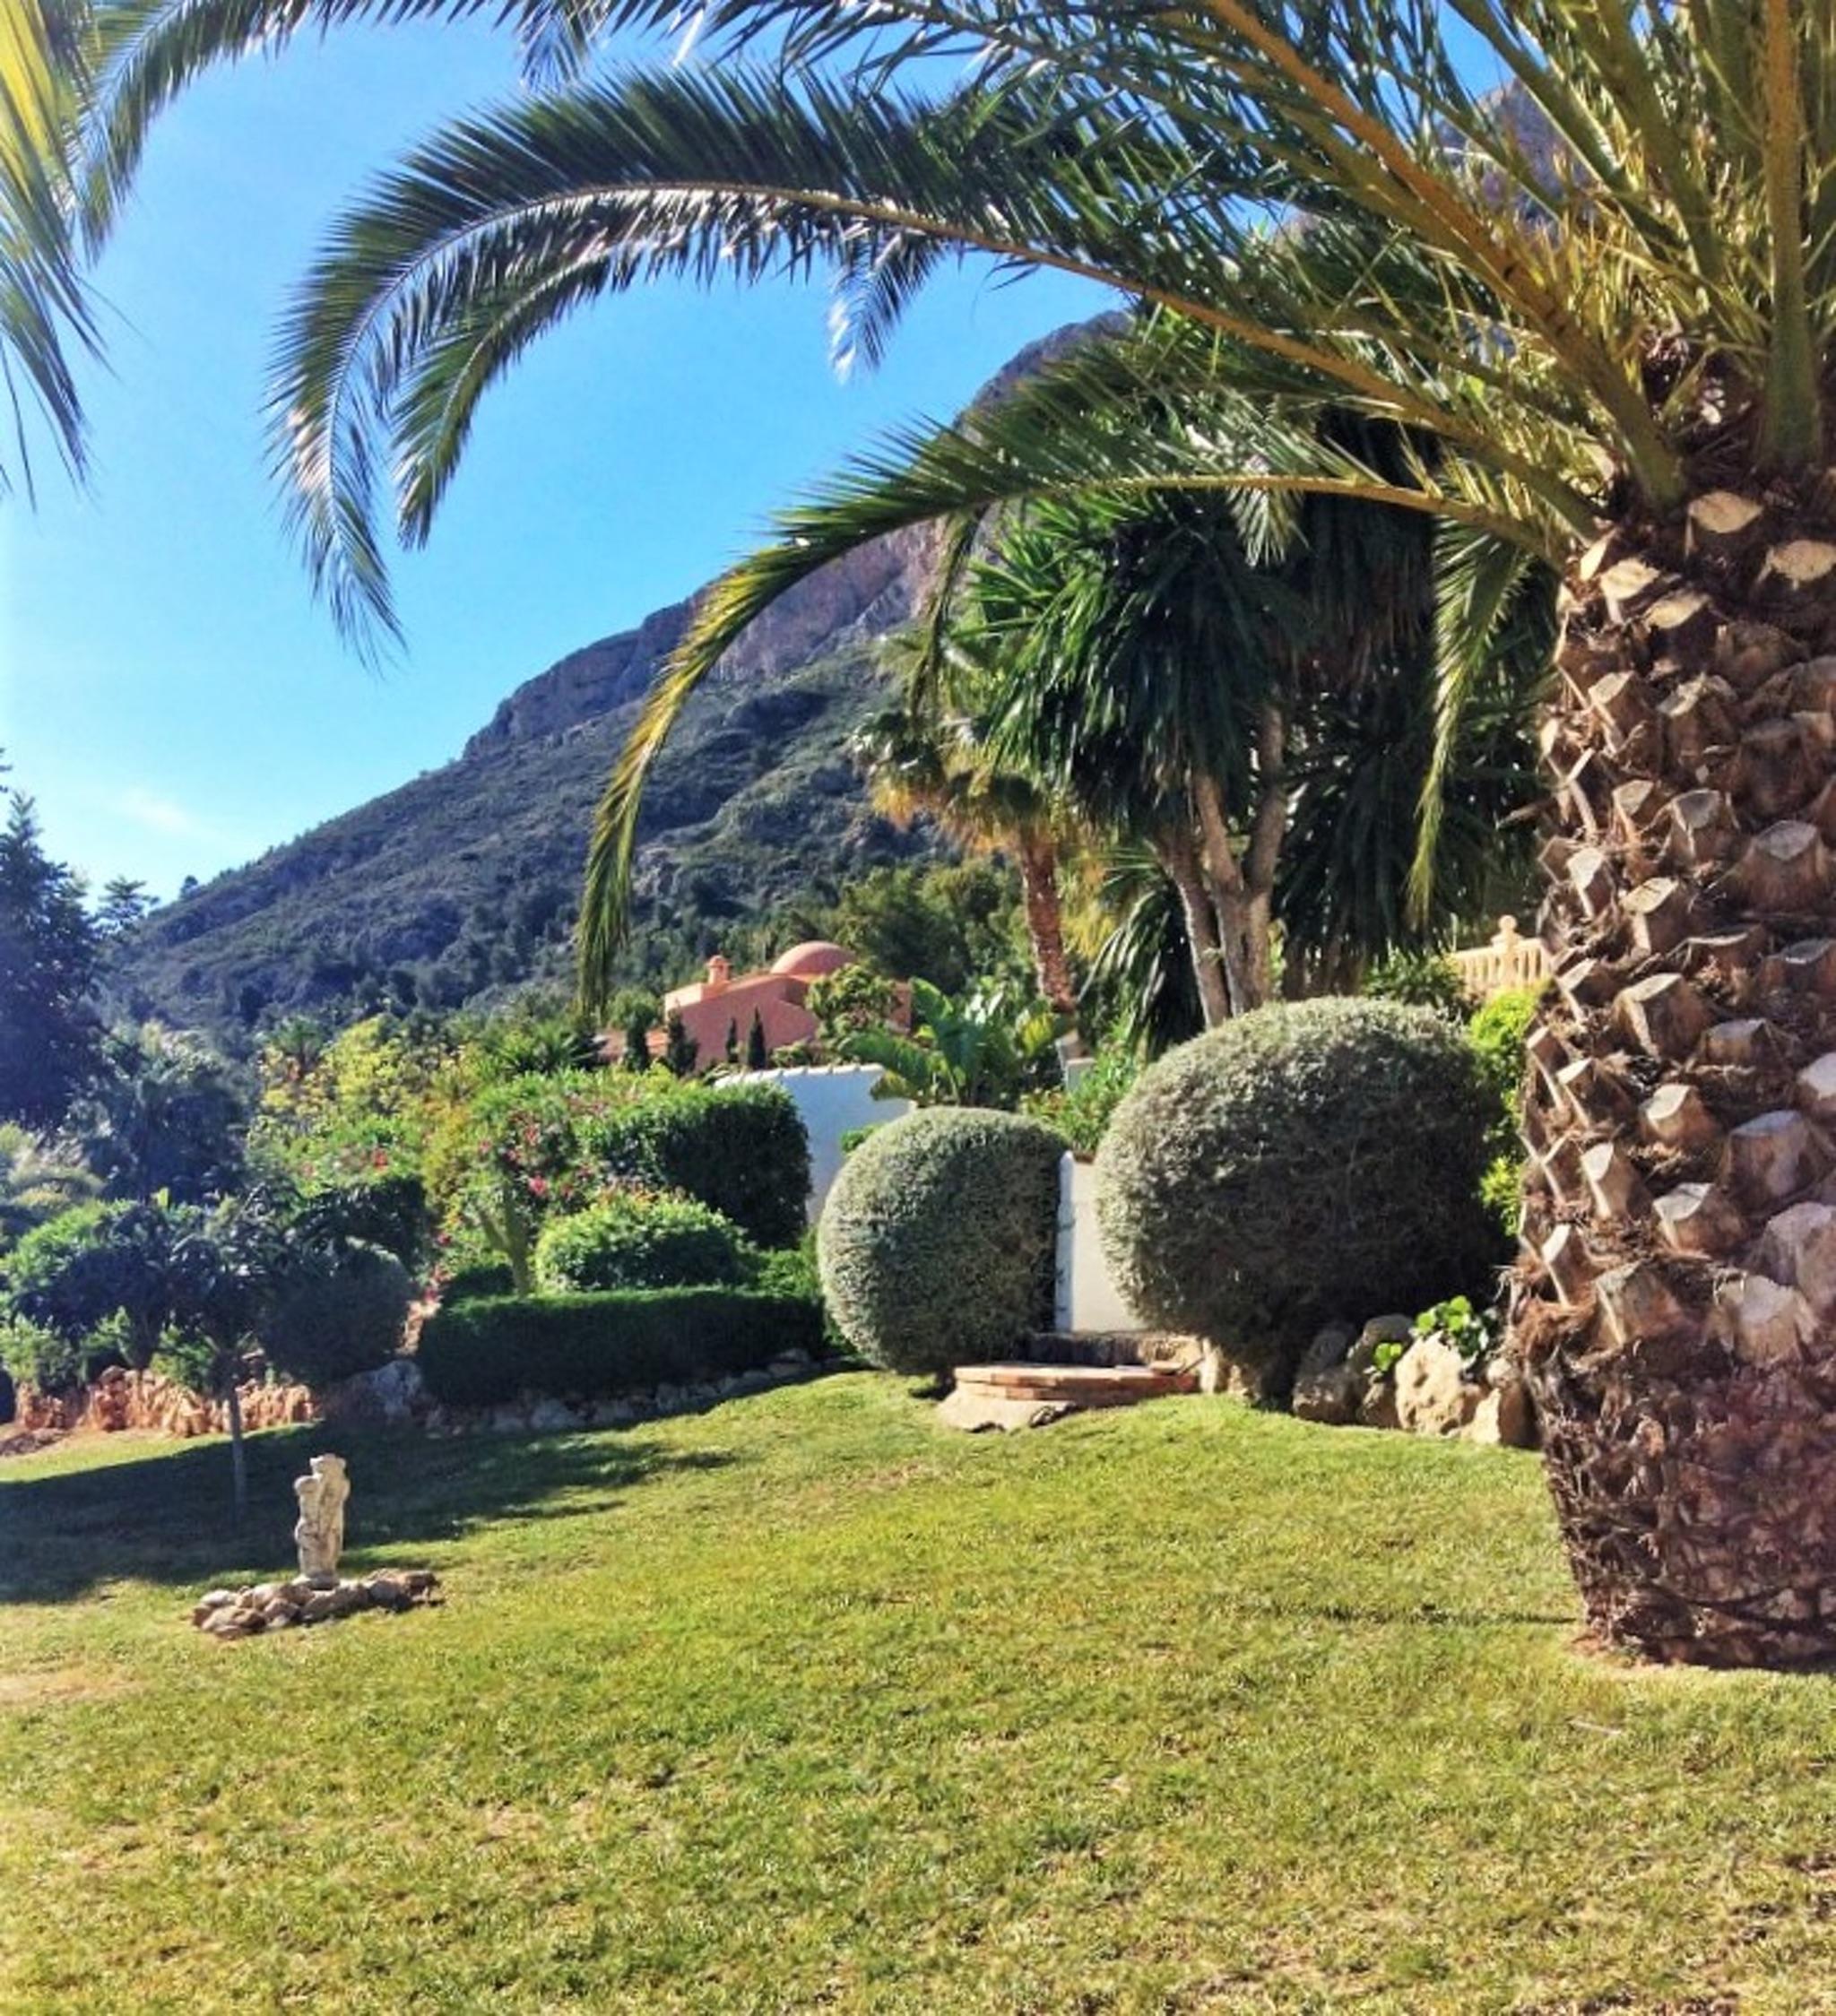 Ferienhaus Geräumige Villa mit fünf Schlafzimmer in Javea mit möblierter Terrasse, Pool und toller Au (2201168), Jávea, Costa Blanca, Valencia, Spanien, Bild 17